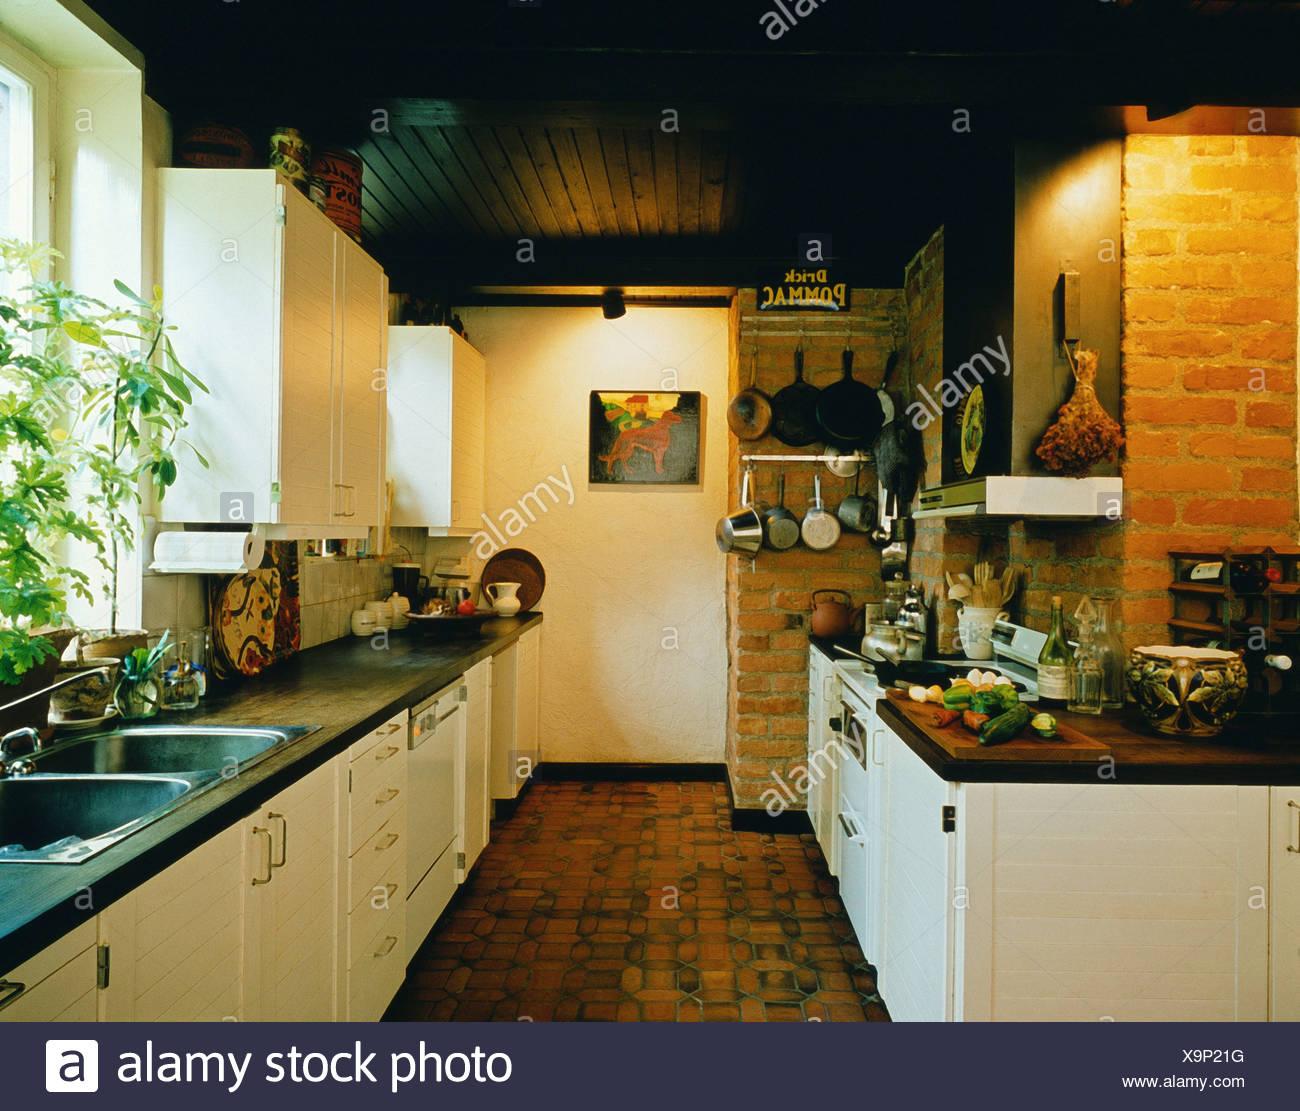 Vraies Maisons En Bois Cuisine:plafond, Carreaux De Terre Cuite Dans Le  Profil Sur Marbre, Blanc Et Des Murs De Brique, Blanc Placards Et Tiroirs